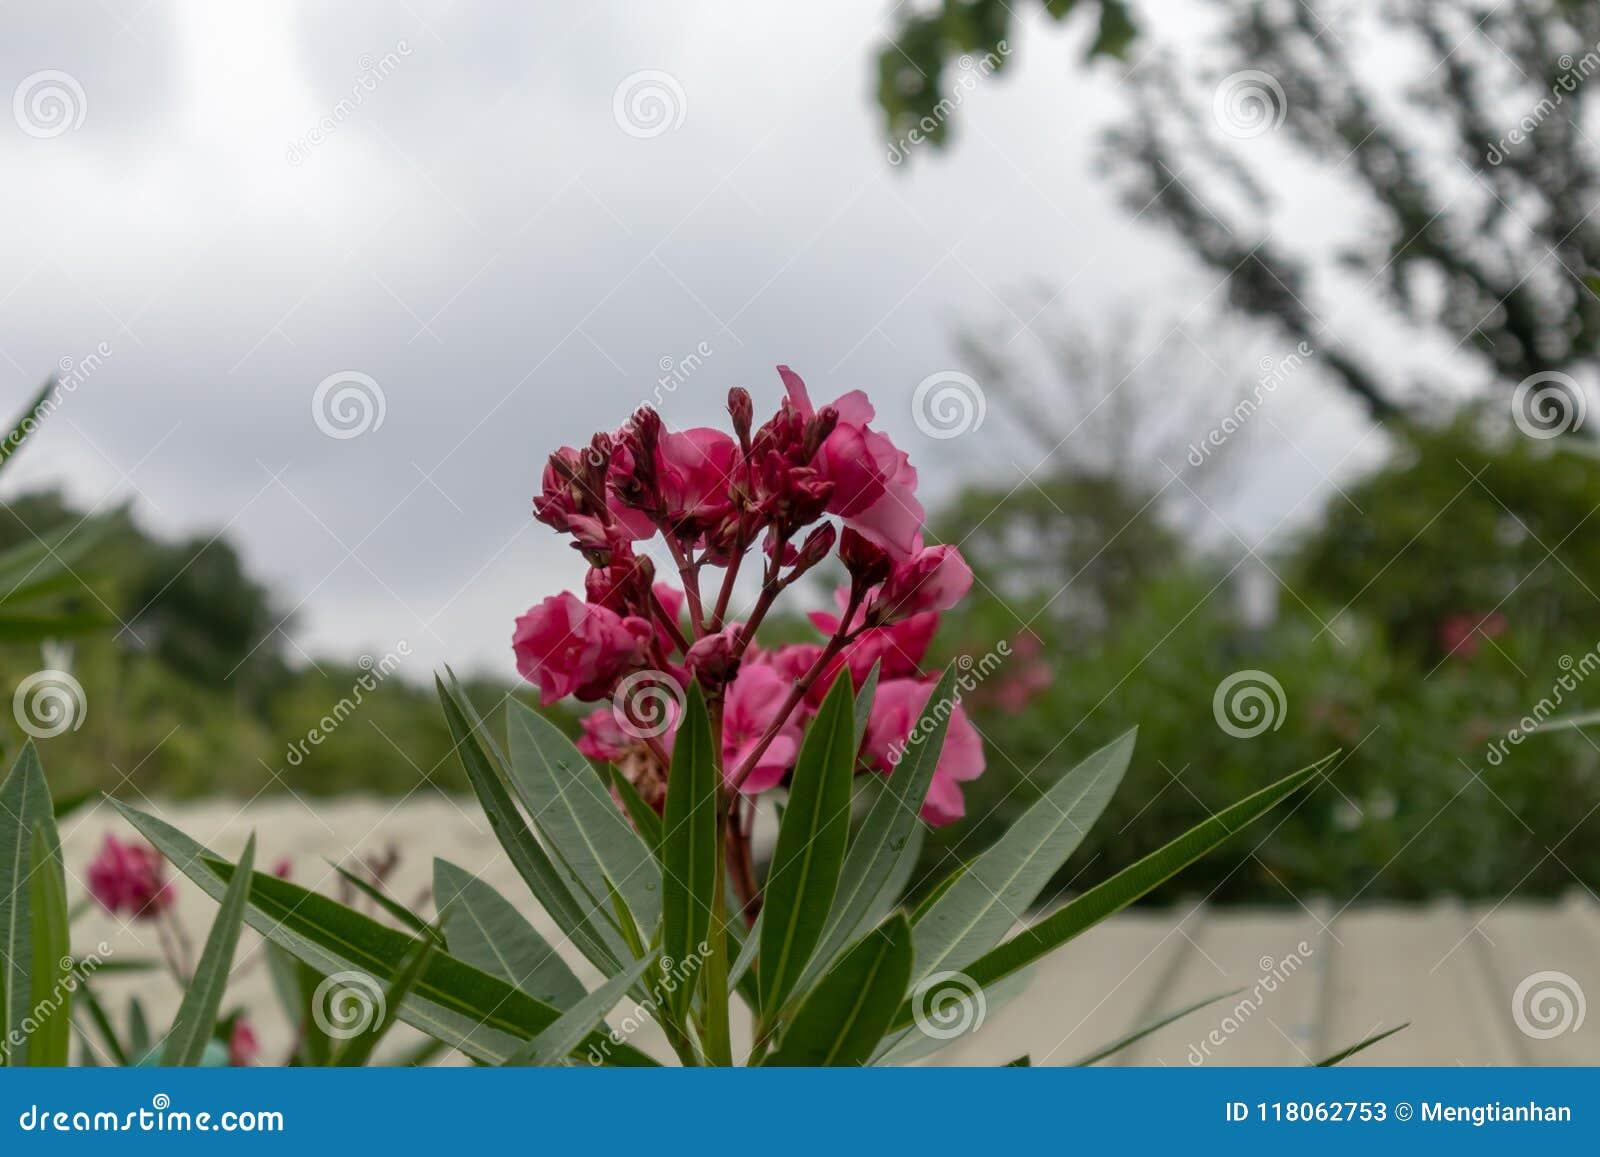 nerium oleander nerium indicum mill stock image image of deep